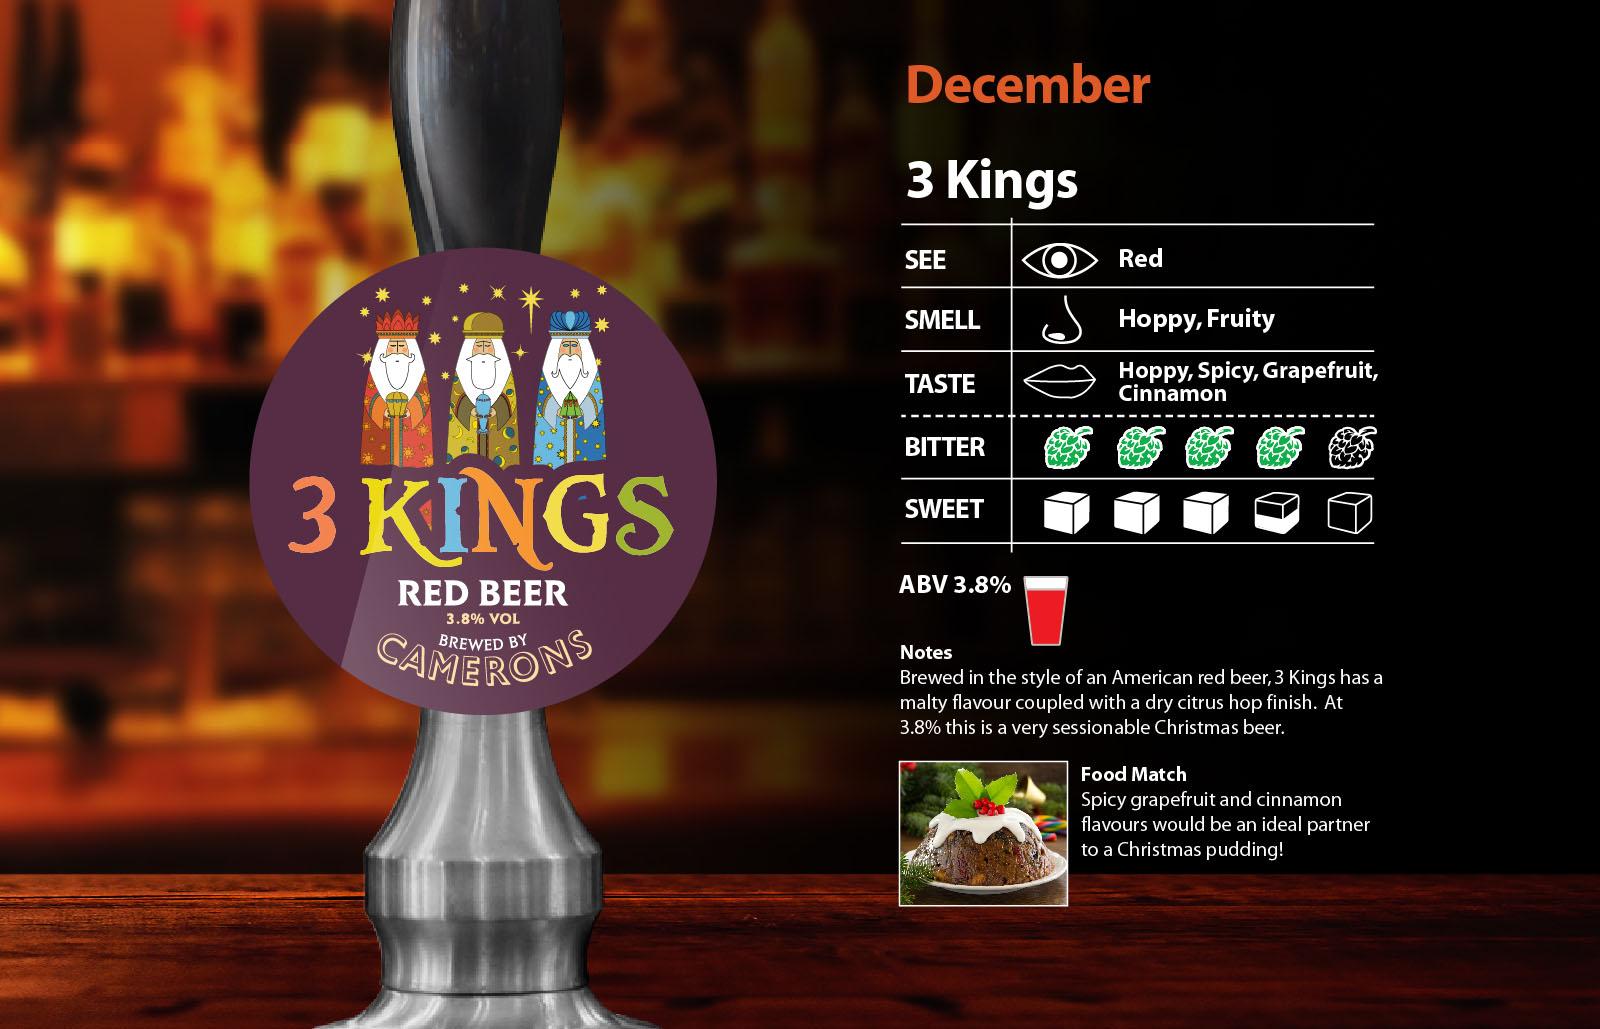 6-DECEMBER-3-KINGS